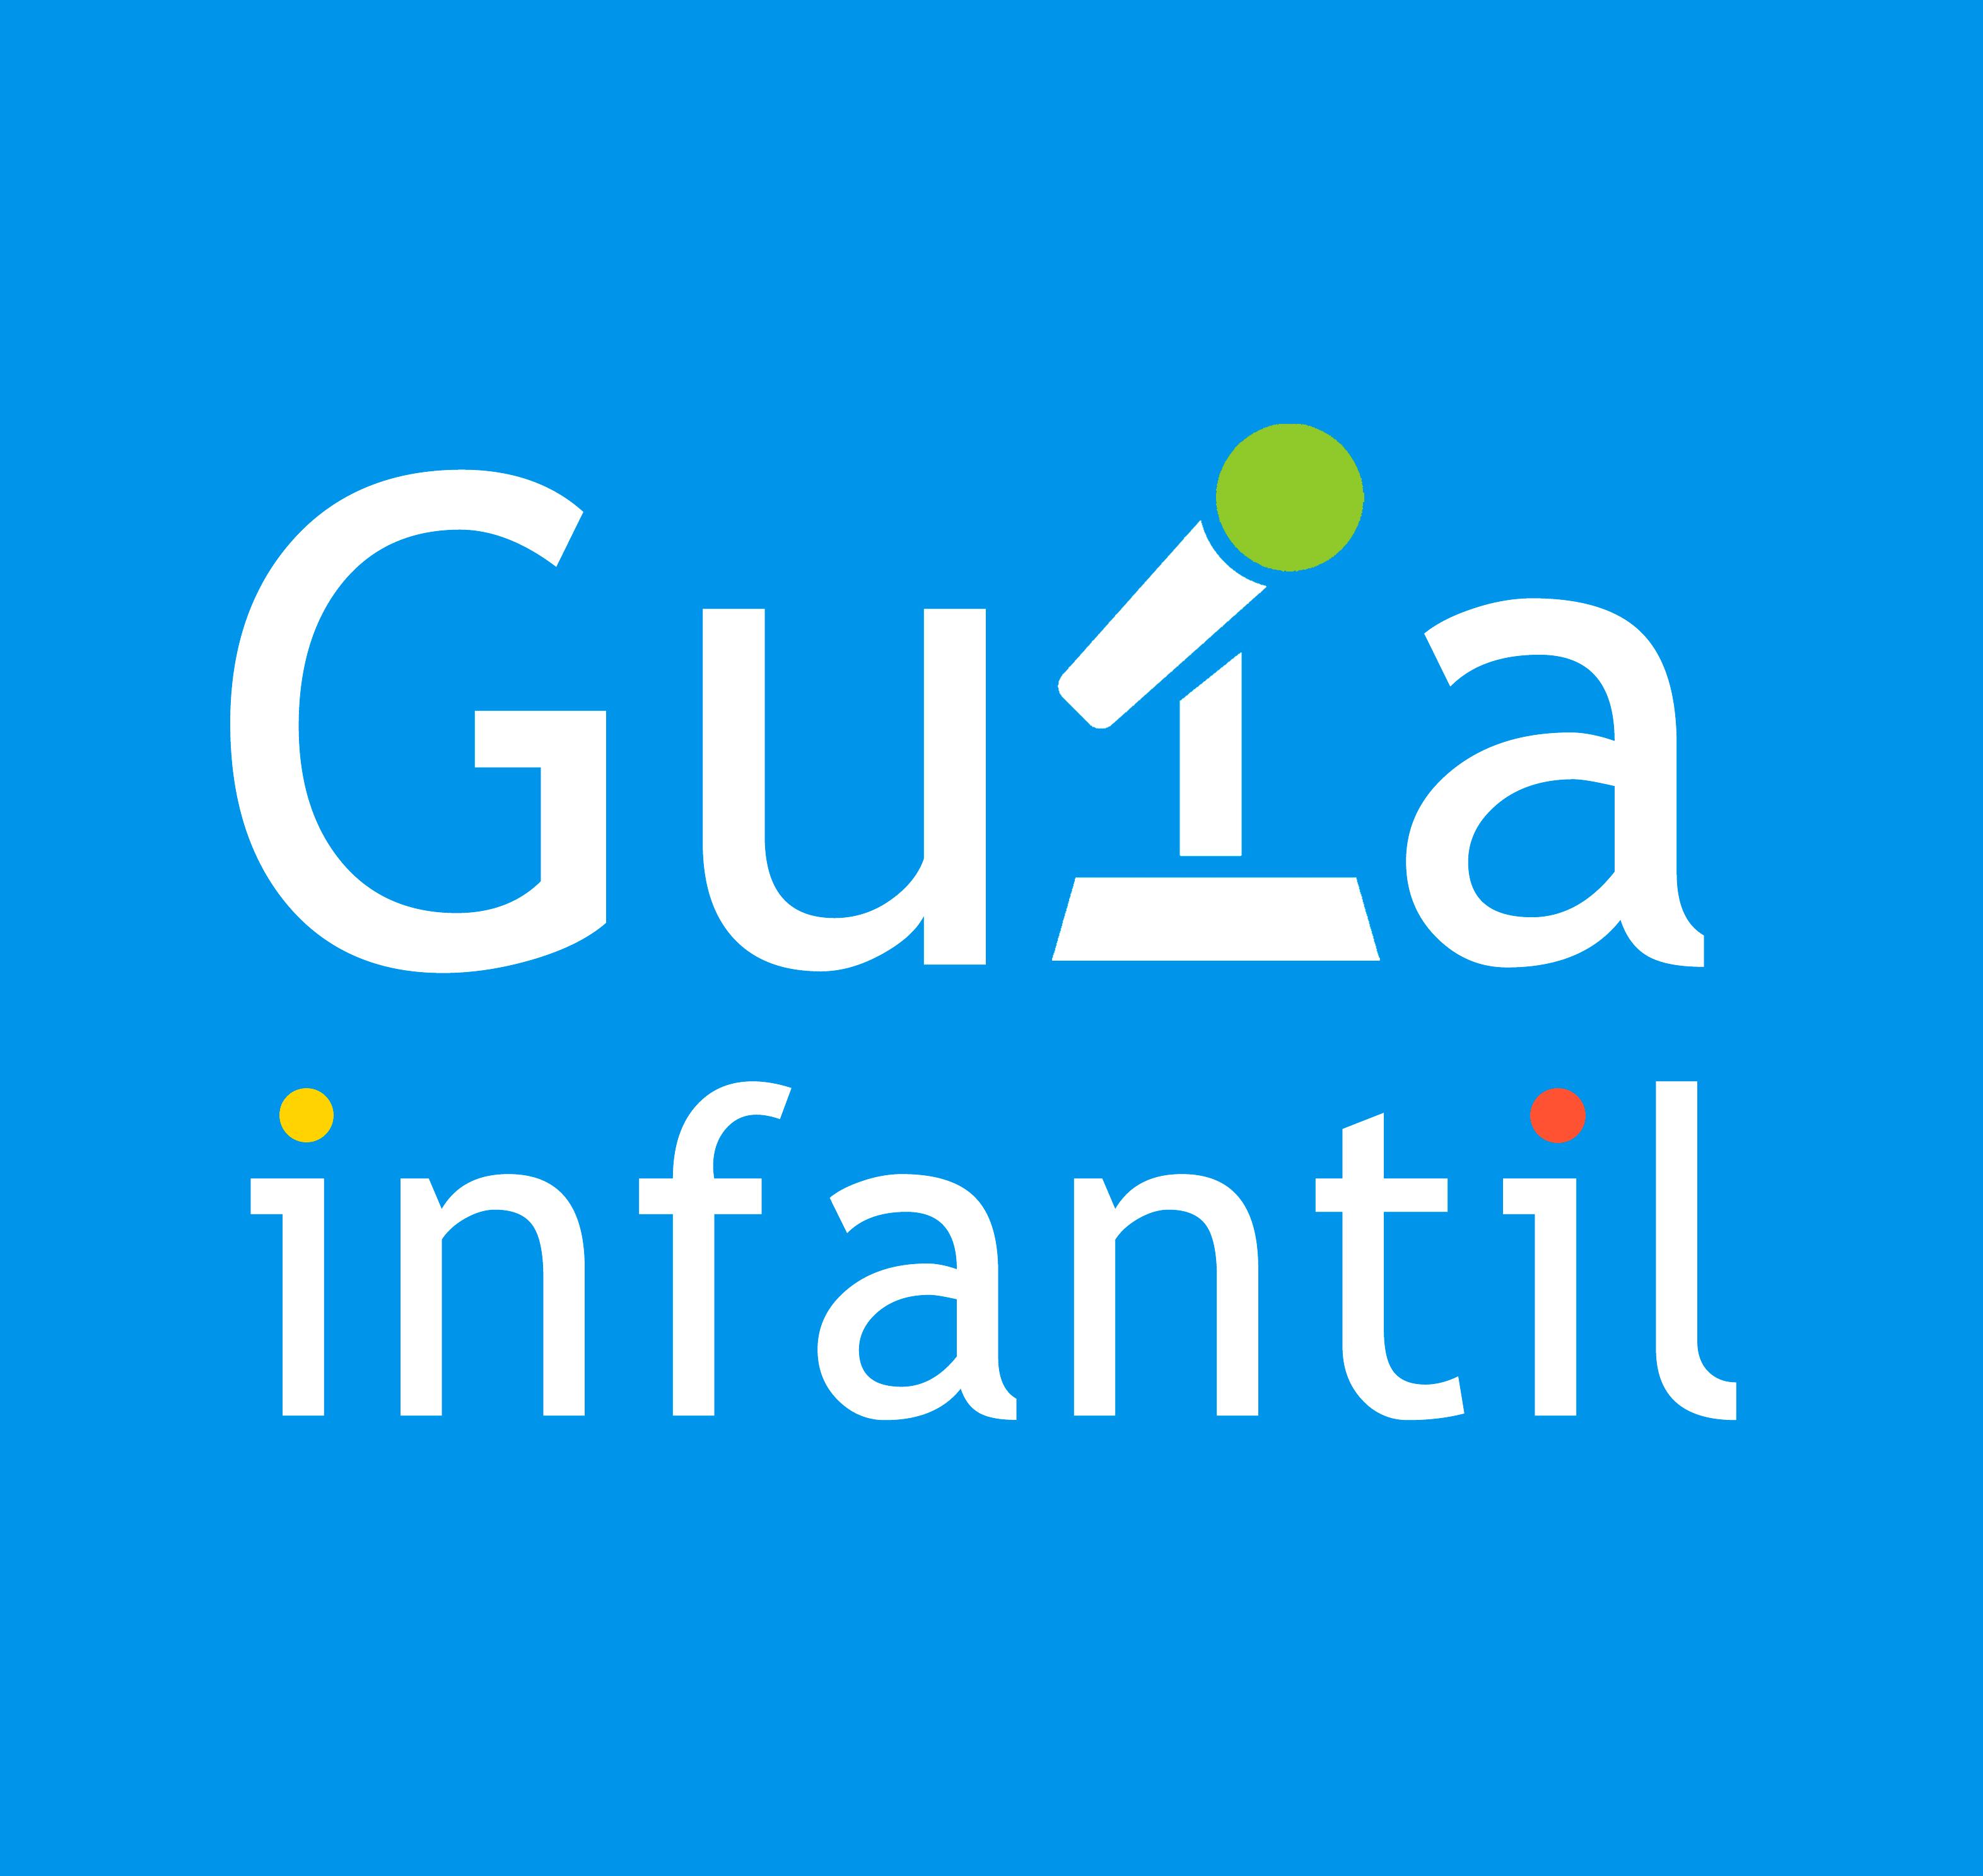 Guiainfantil.com #ConectaConTuHijo show art